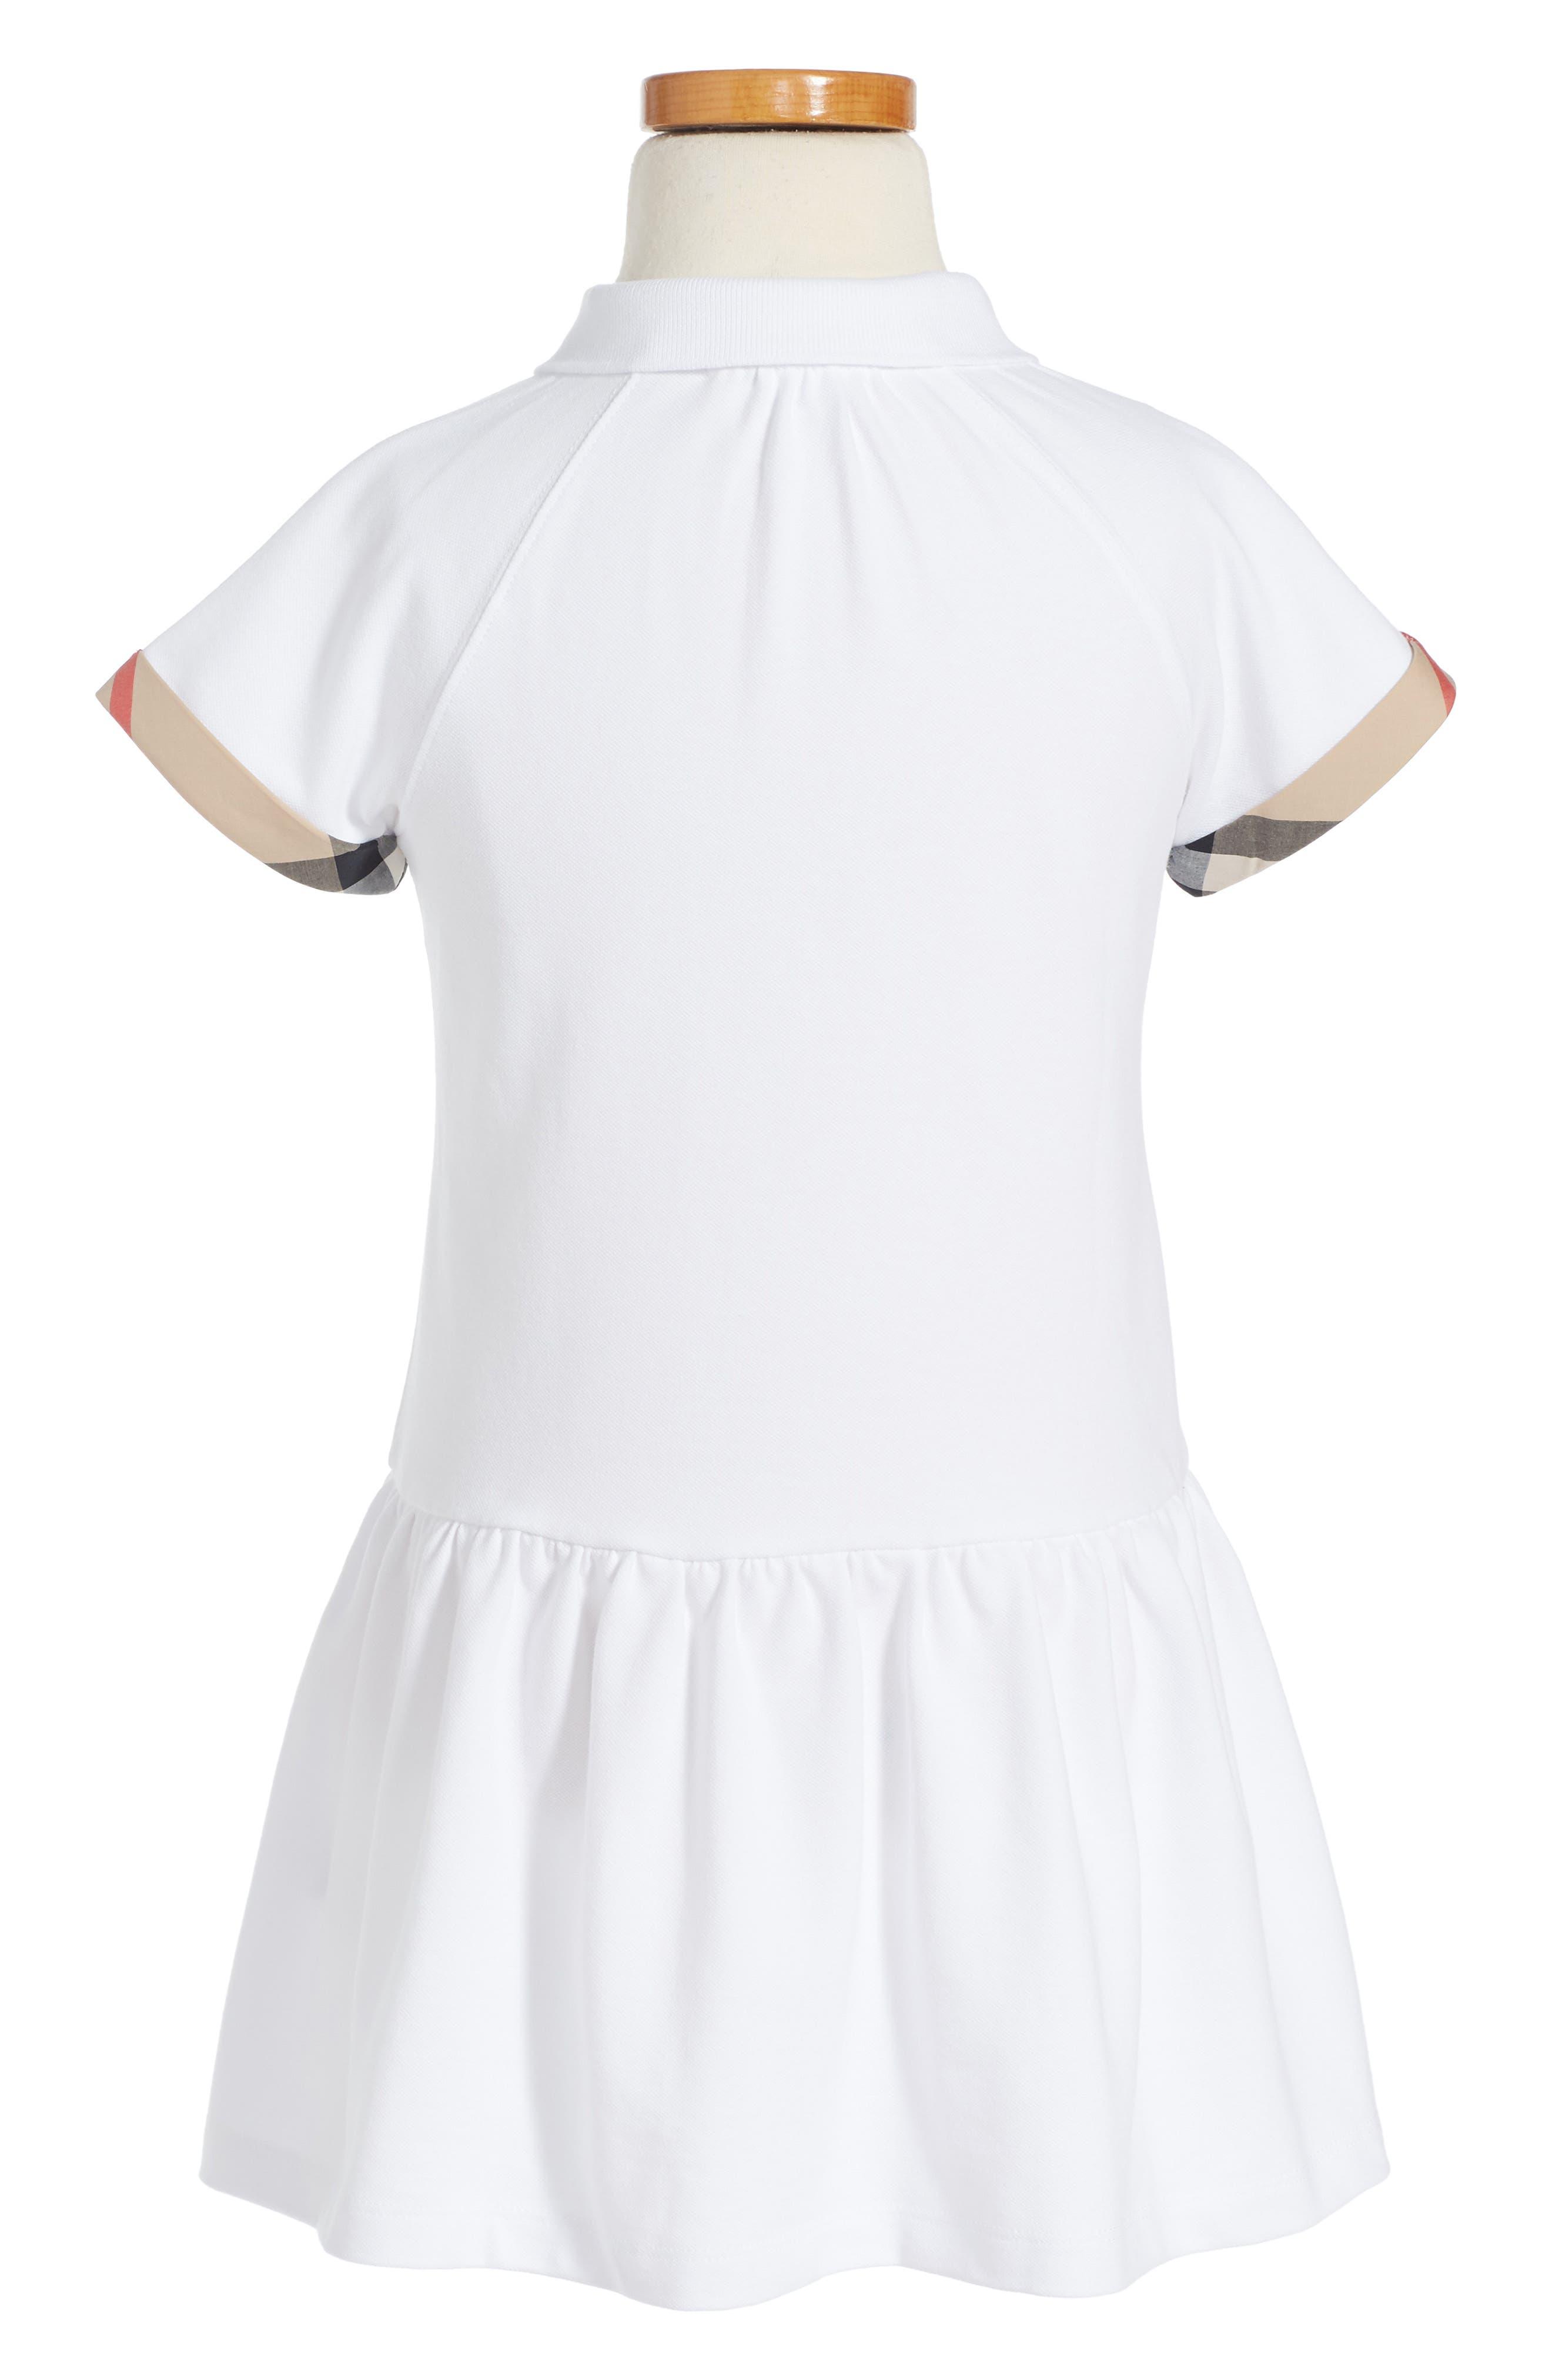 Cali Dress,                             Alternate thumbnail 2, color,